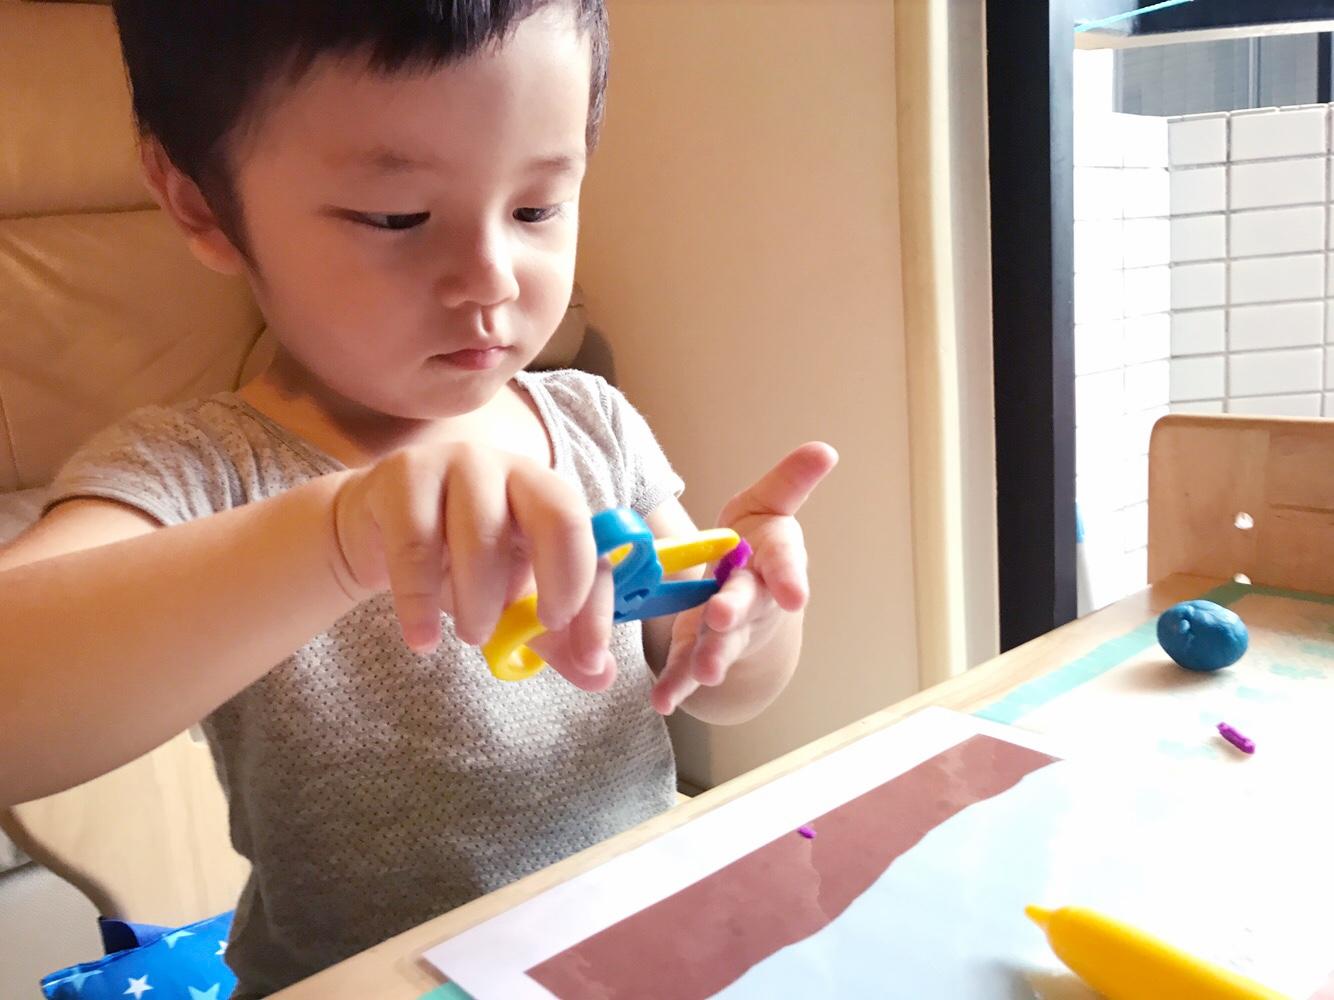 | 幼兒學習 | DIY教學工具分享 -泥膠創意遊戲卡